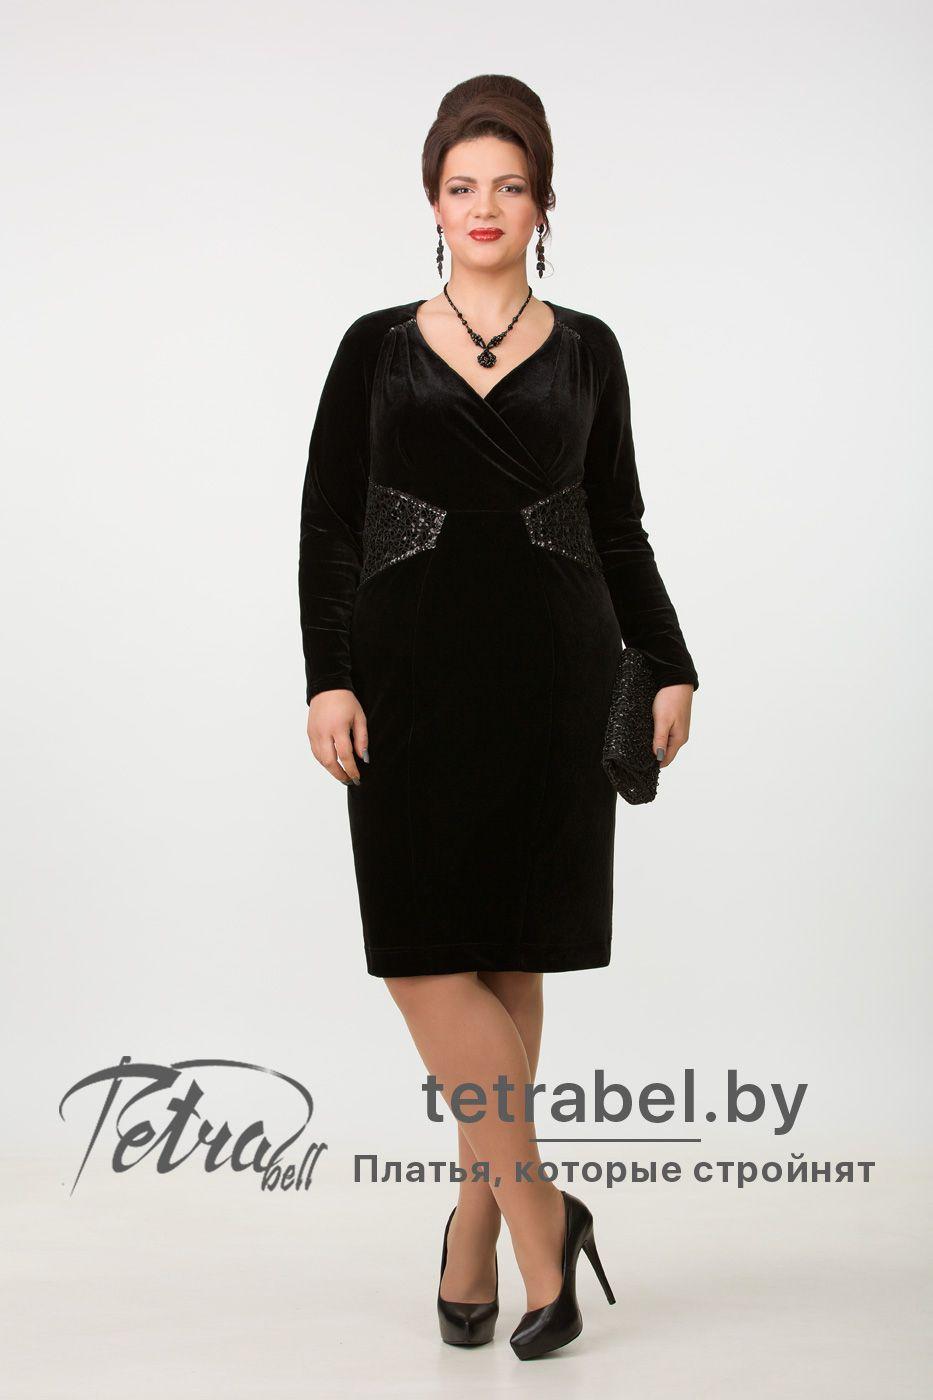 Нарядное платье с длинными рукавами из шикарного черного ...